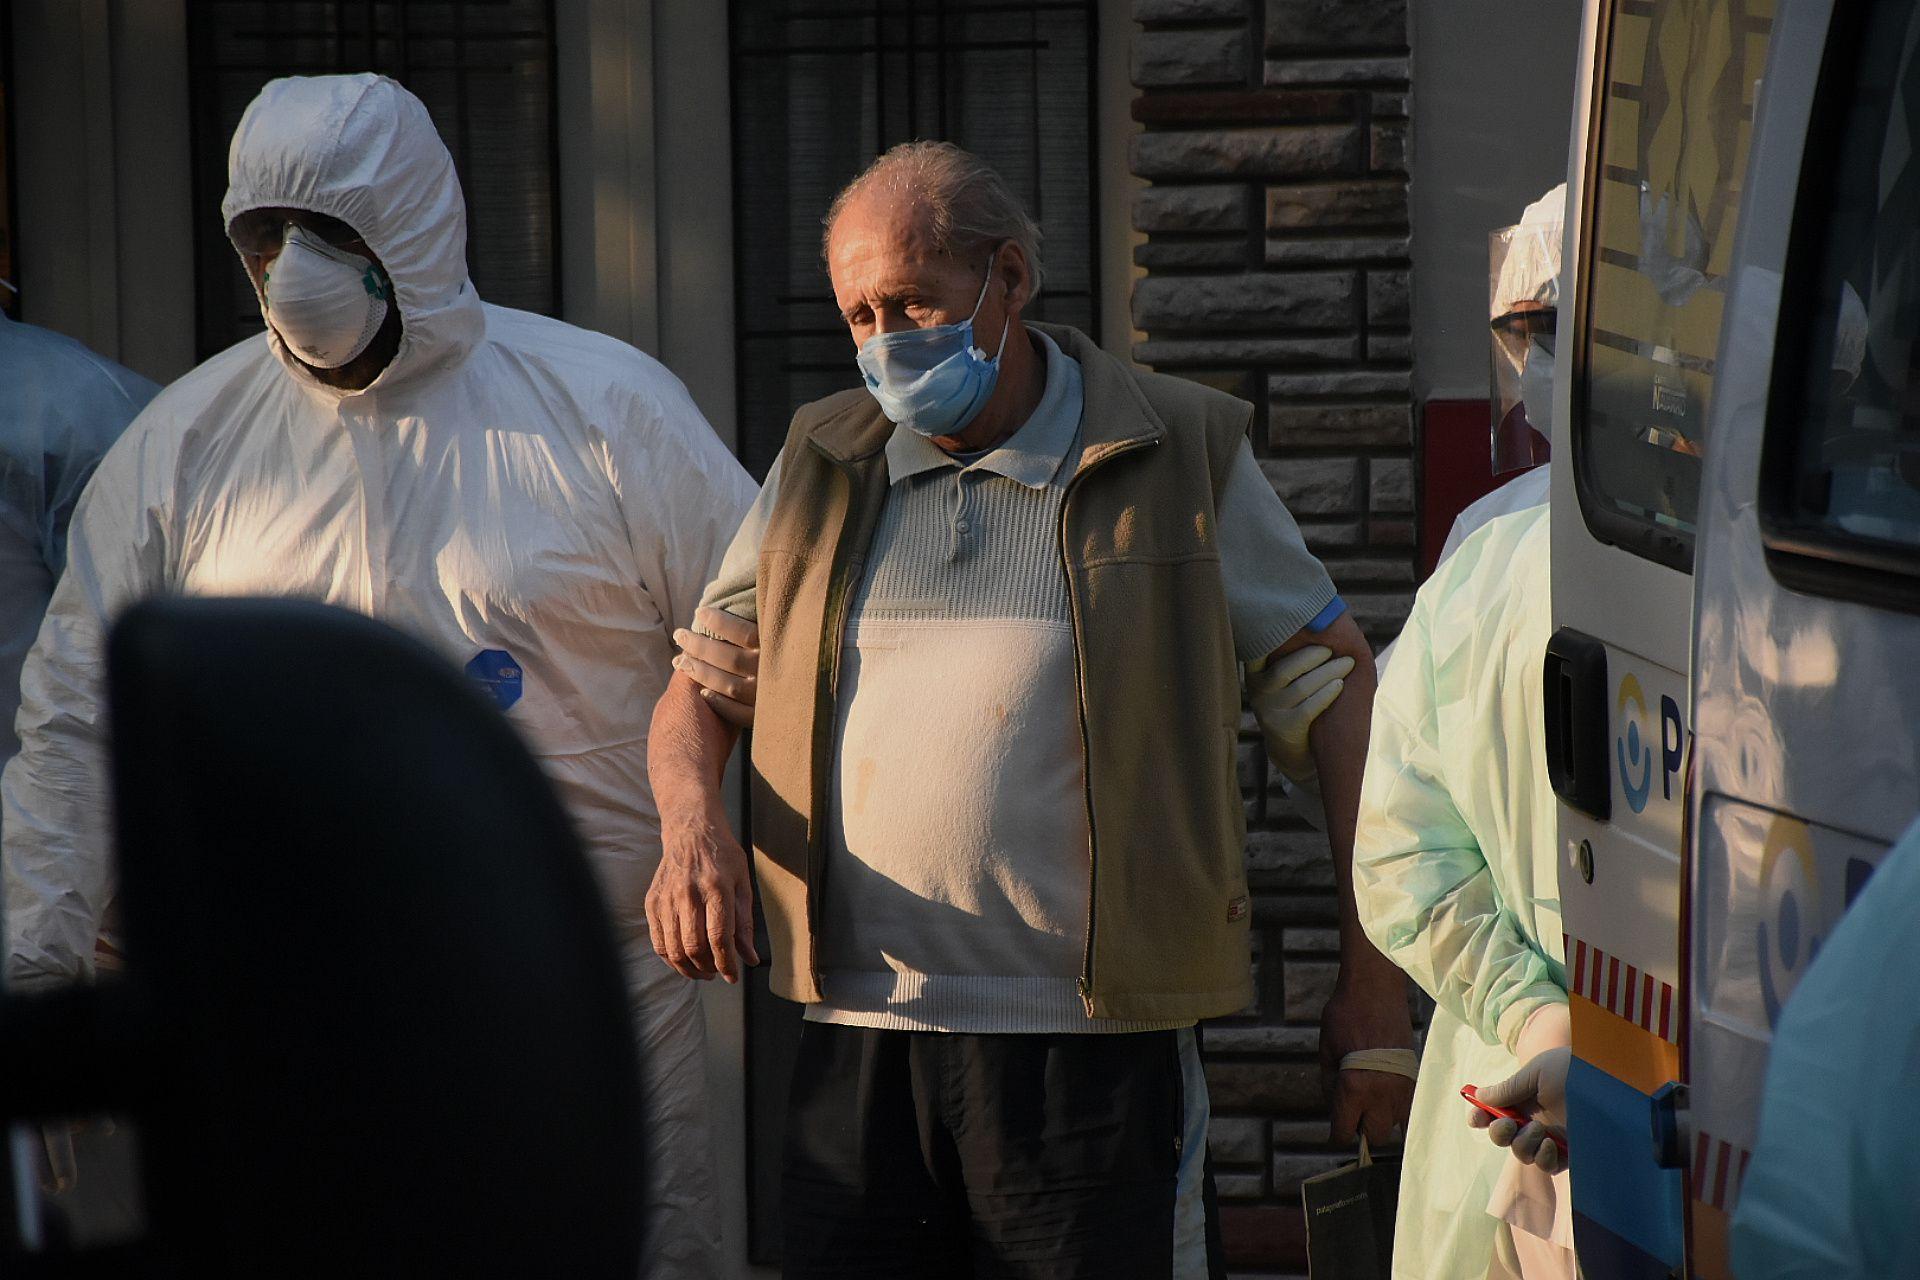 El pedido se originó tras la confirmación de que una persona murió por coronavirus en ese lugar y otras siete están contagiadas. (Nicolás Stulberg)